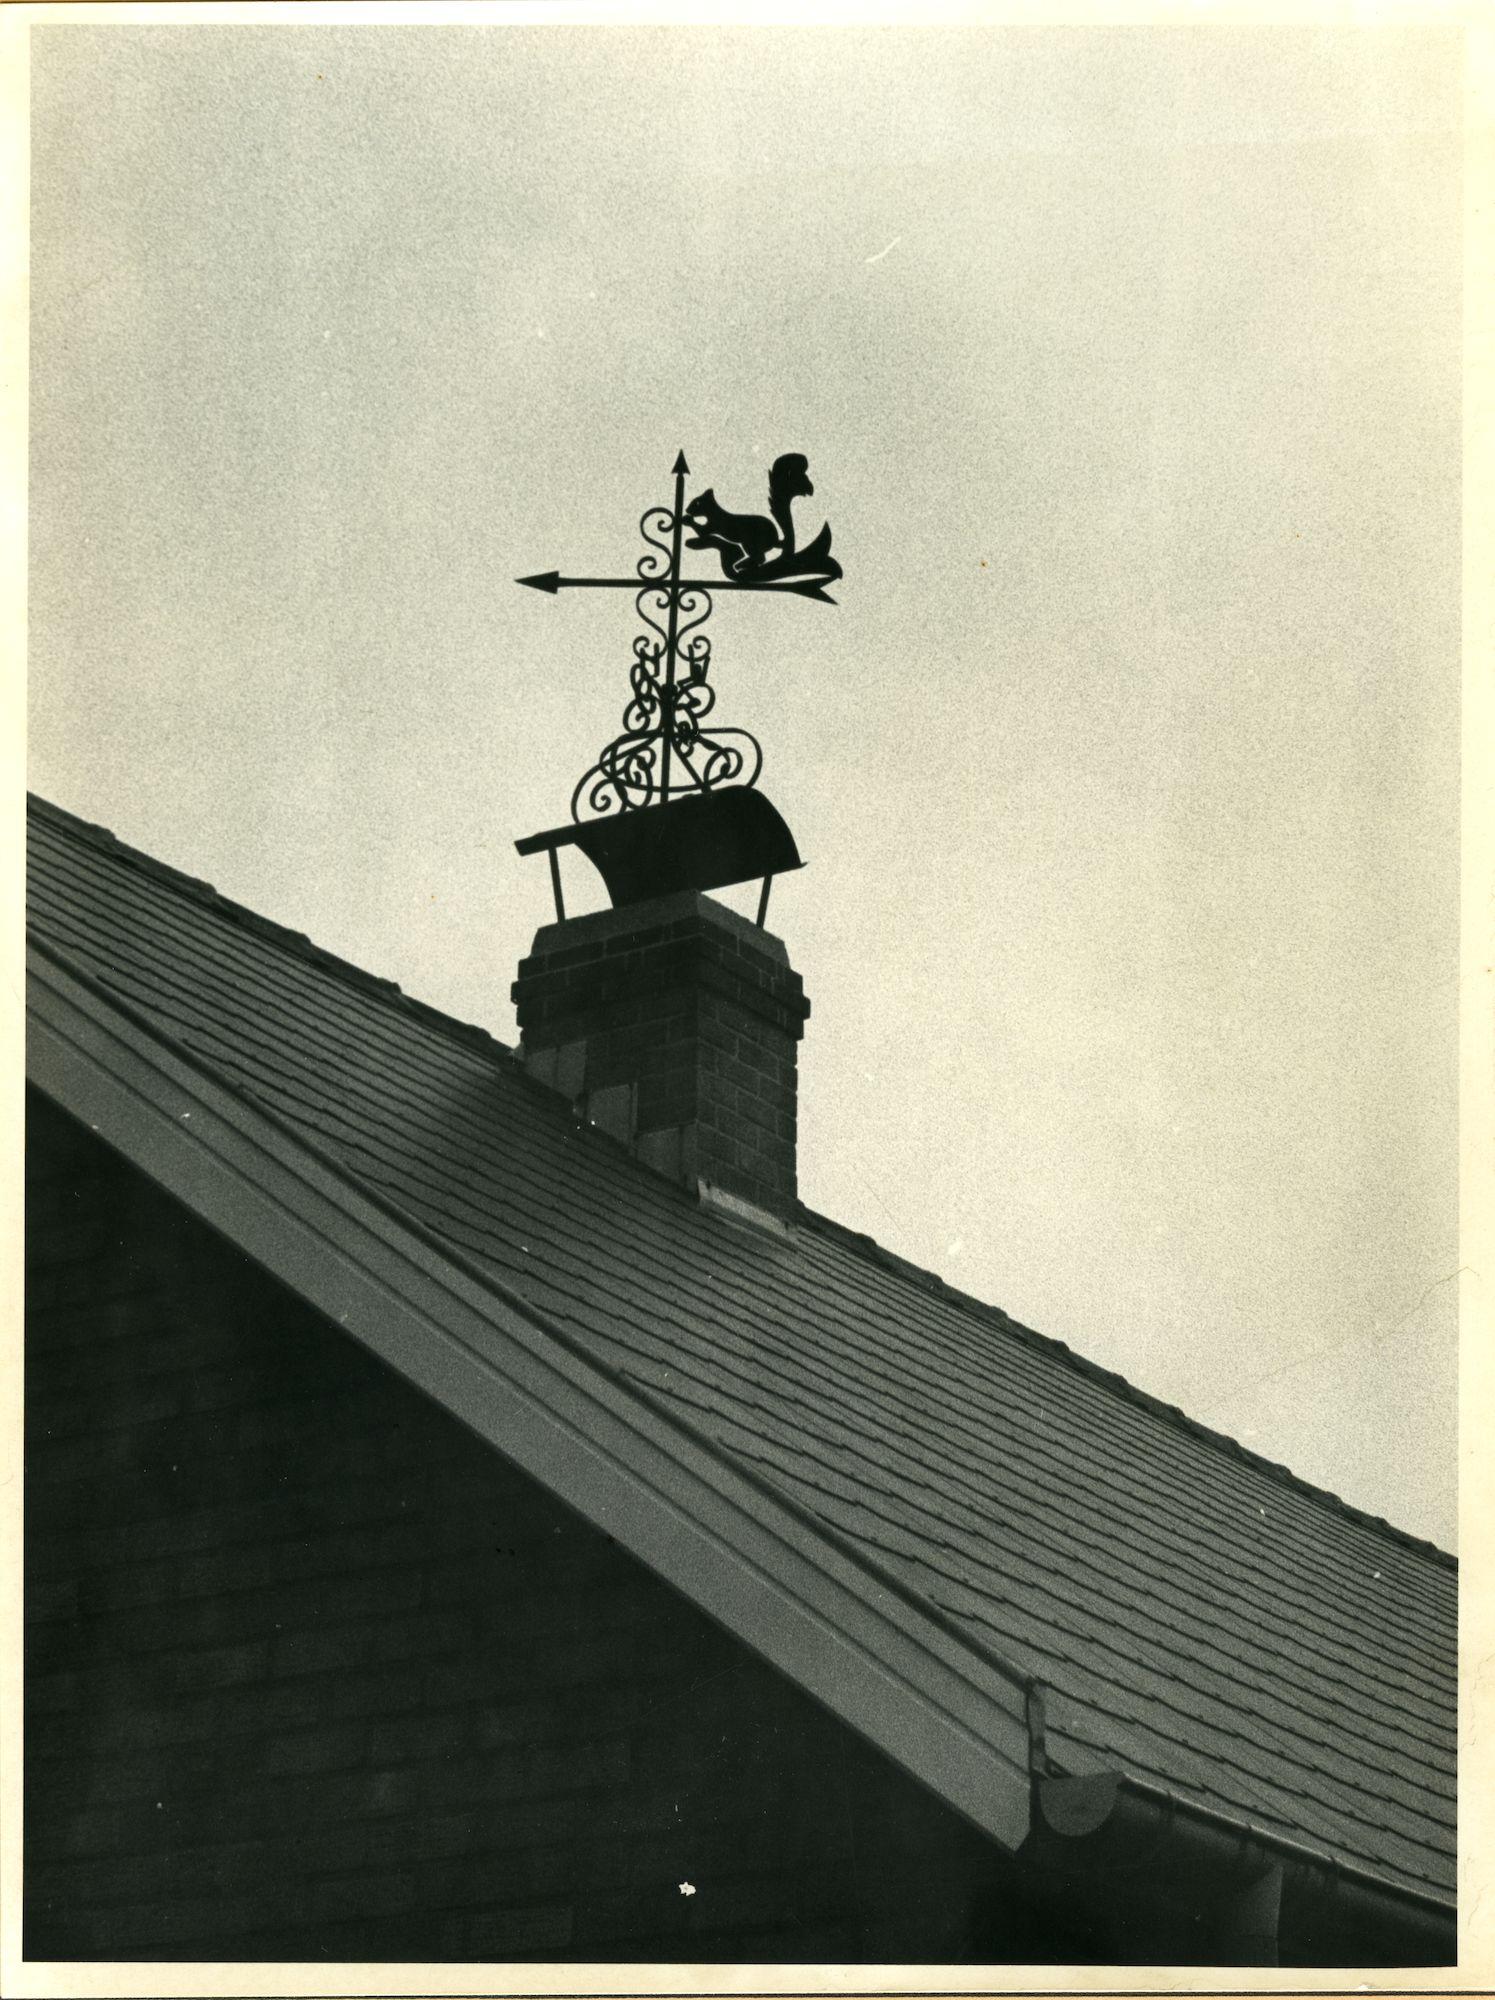 Oostakker: Holstraat 8: Windwijzer, 1979